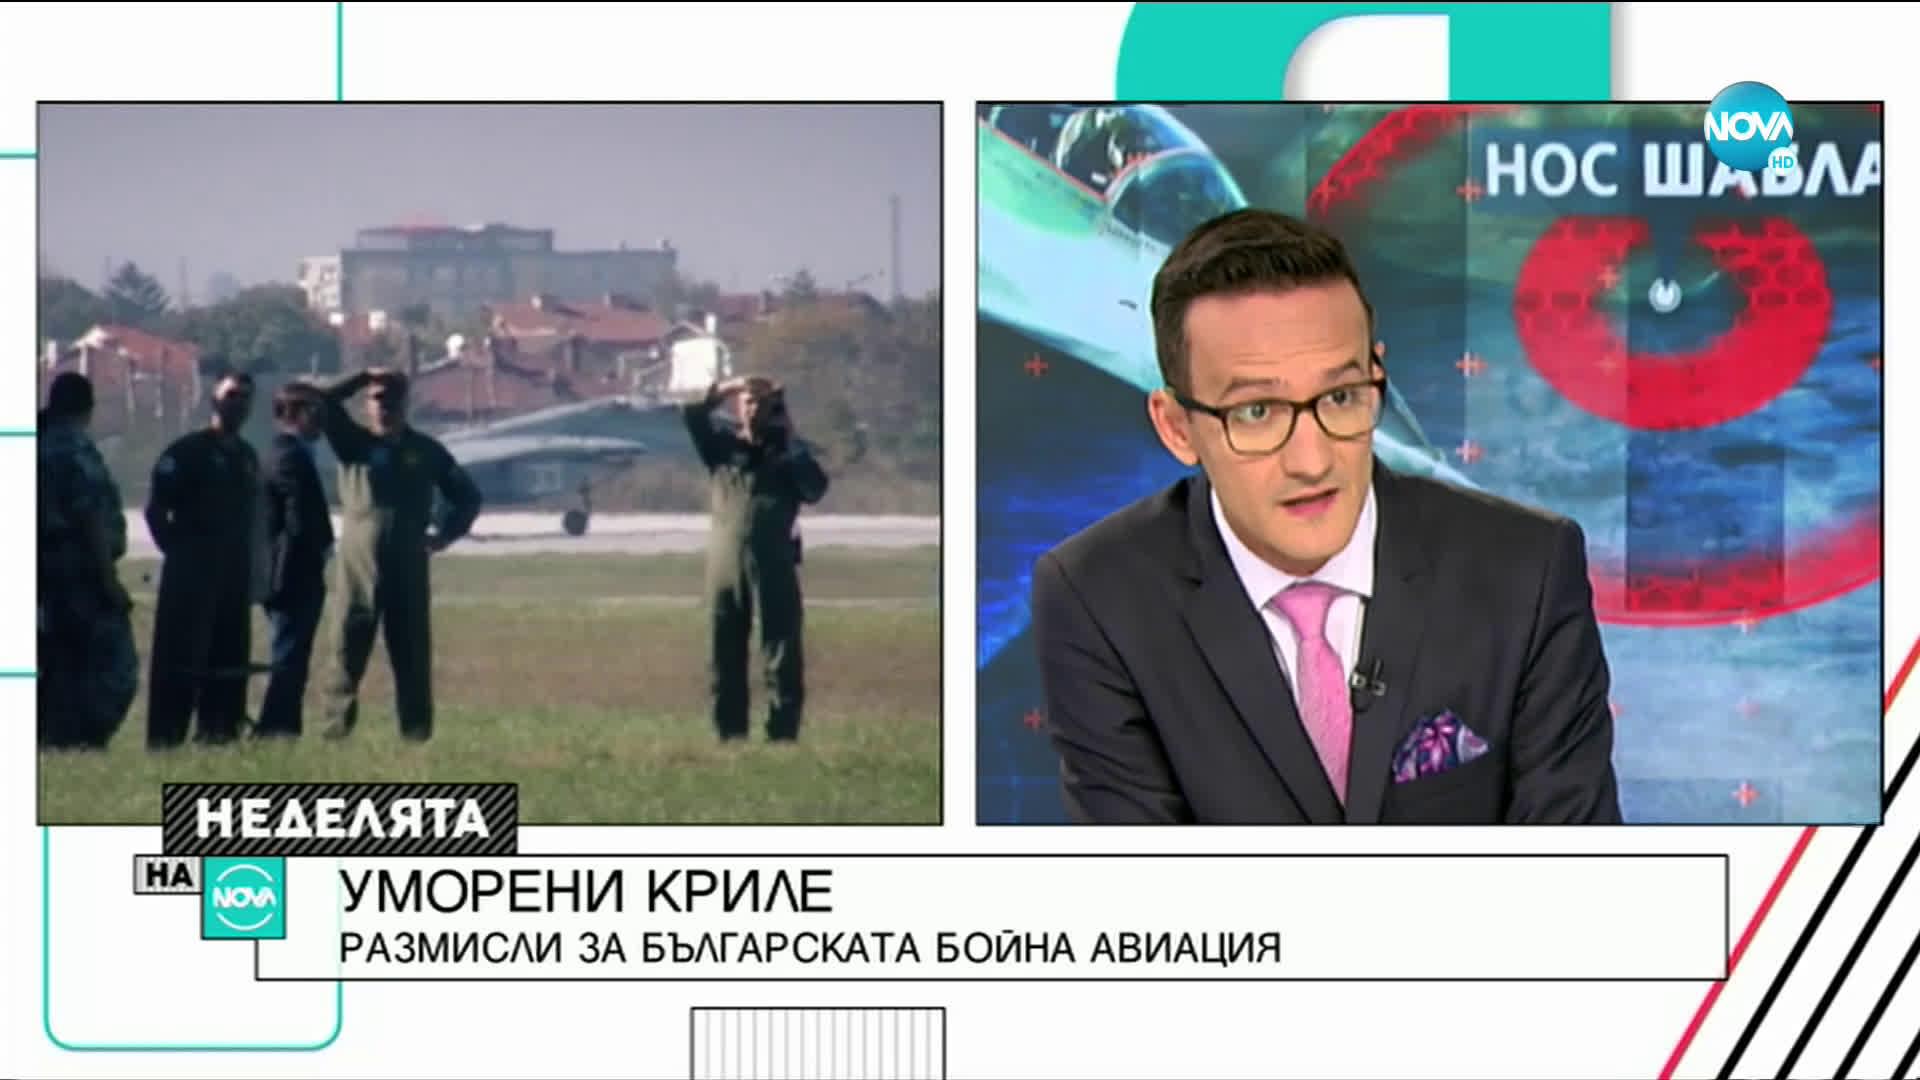 Експерт след инцидента с МиГ-29: Няма стар самолет, има годен или негоден